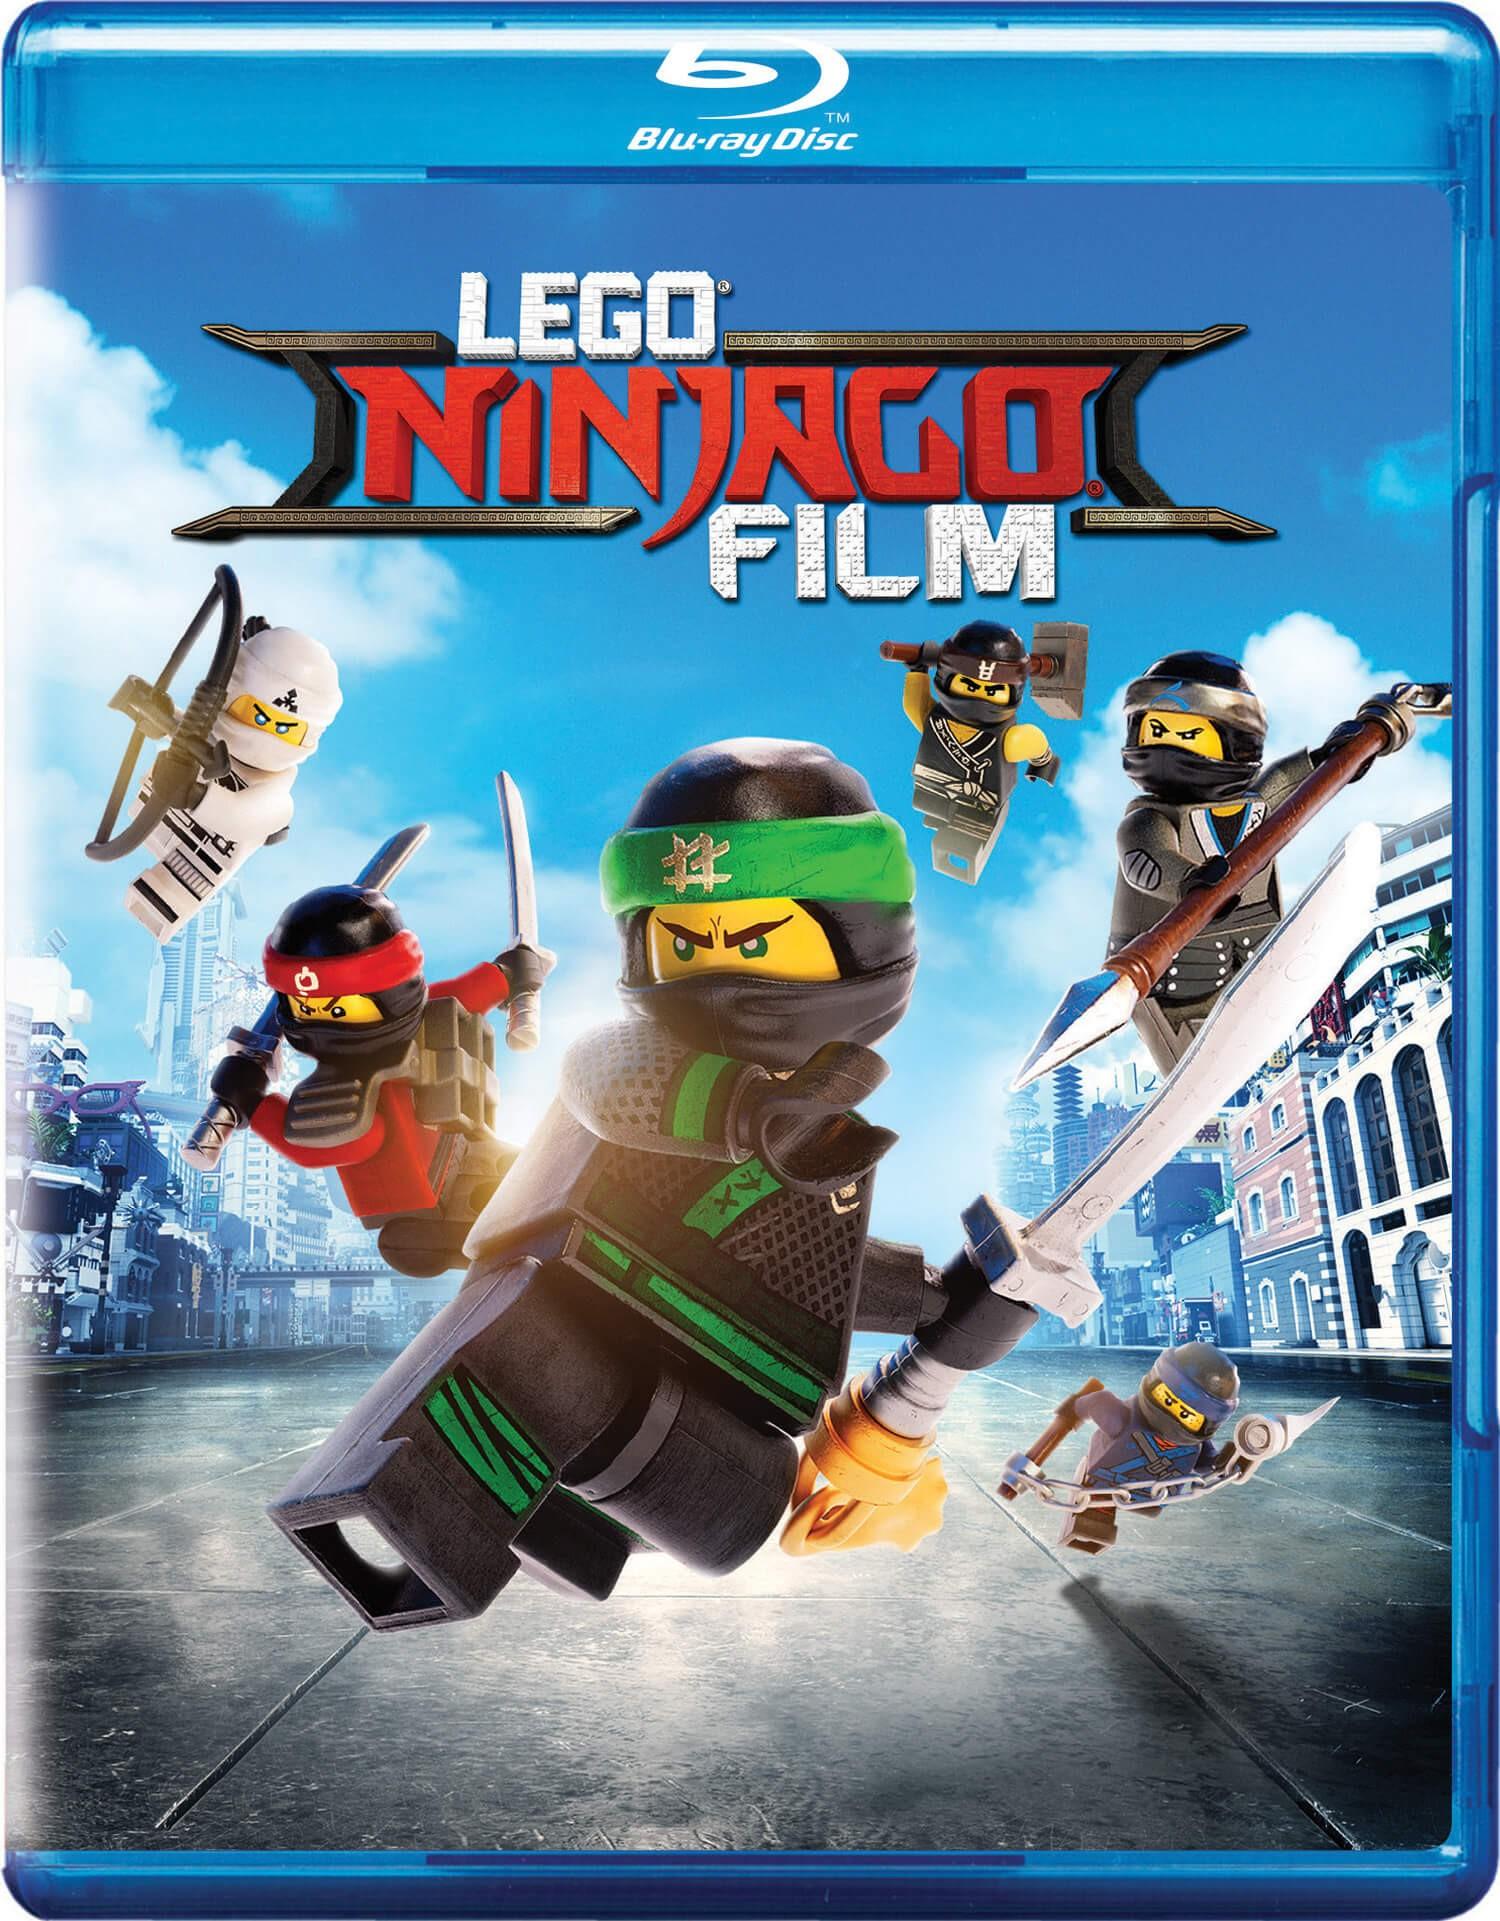 _pressroom_materialy_0_LegoNinjagoFilm_BD_2D_NET_7321999348212(1).jpg